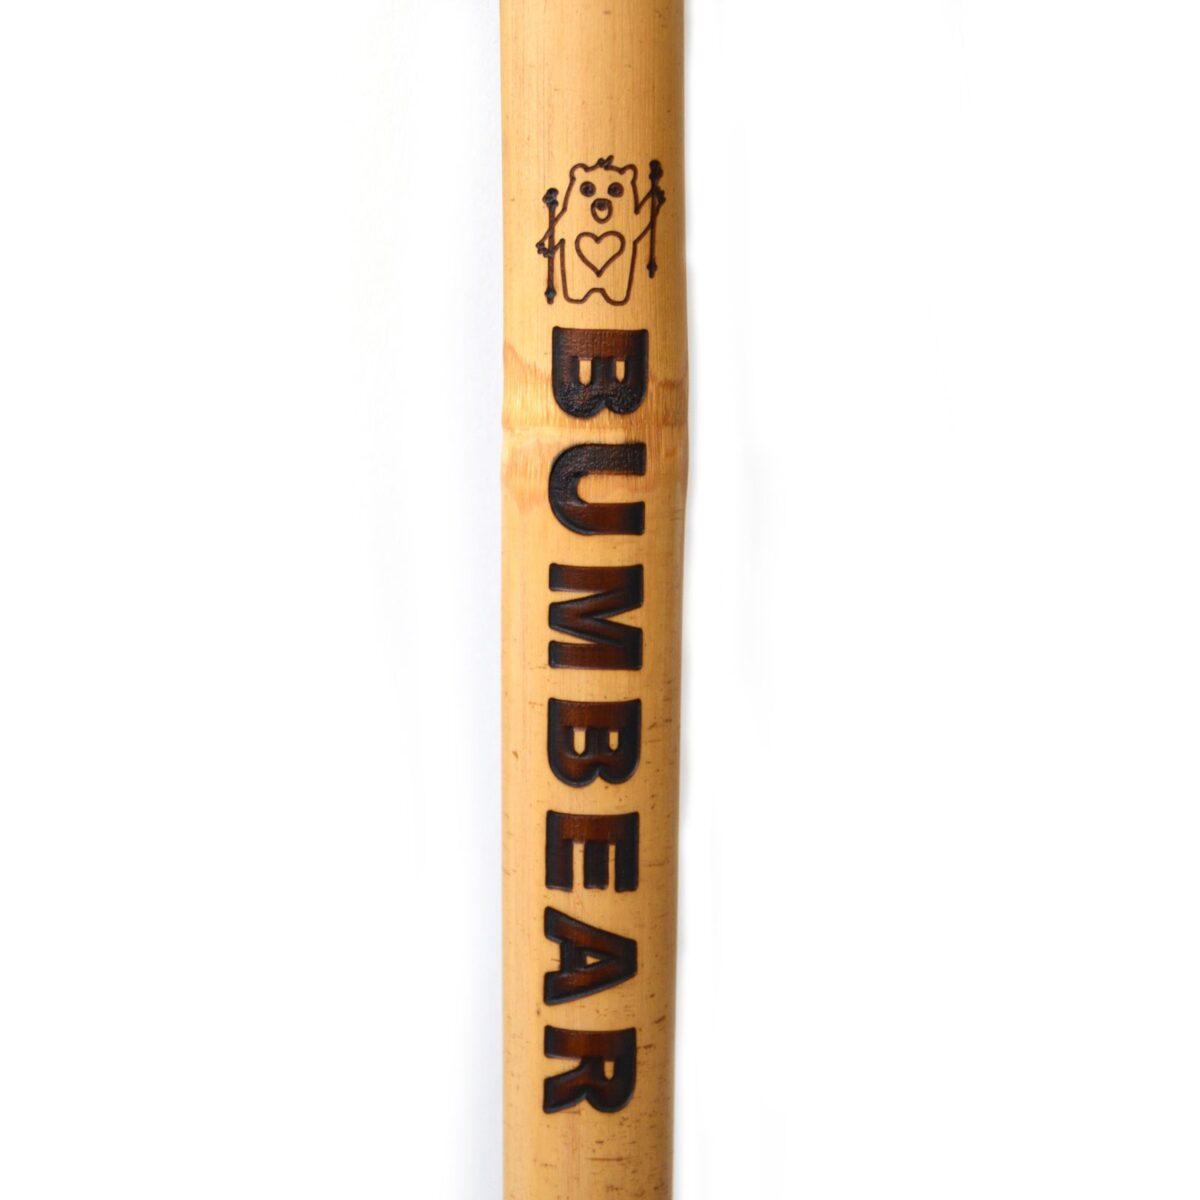 Bamboo Shaft Engraving BUMBEAR